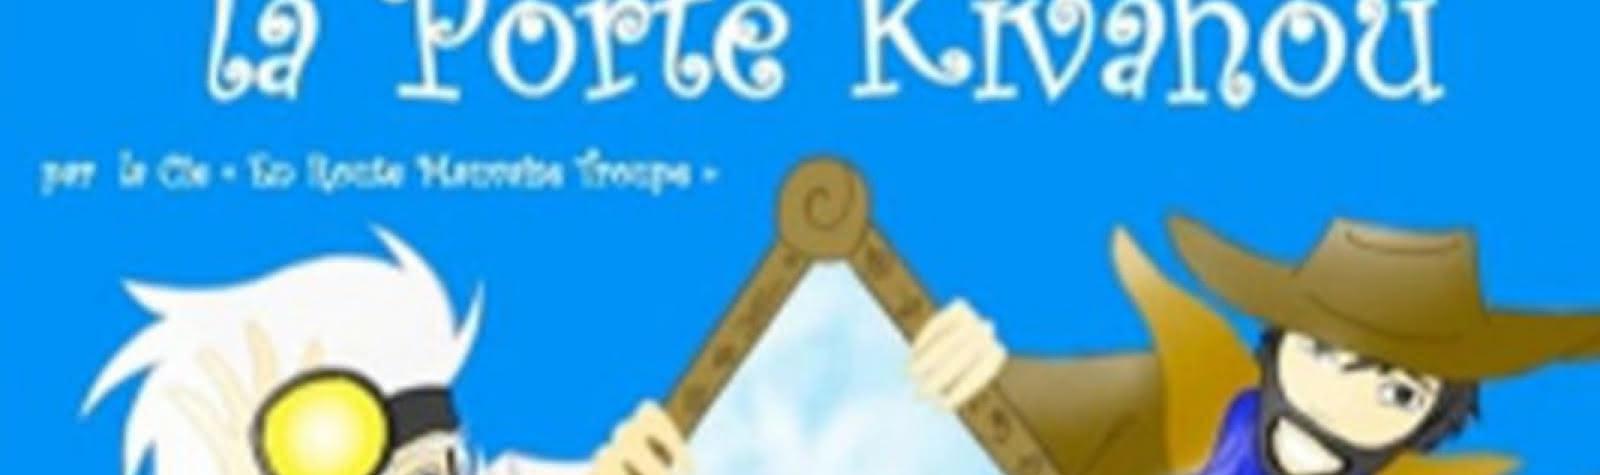 © Défonce de rire : Lilou et la porte kivahou